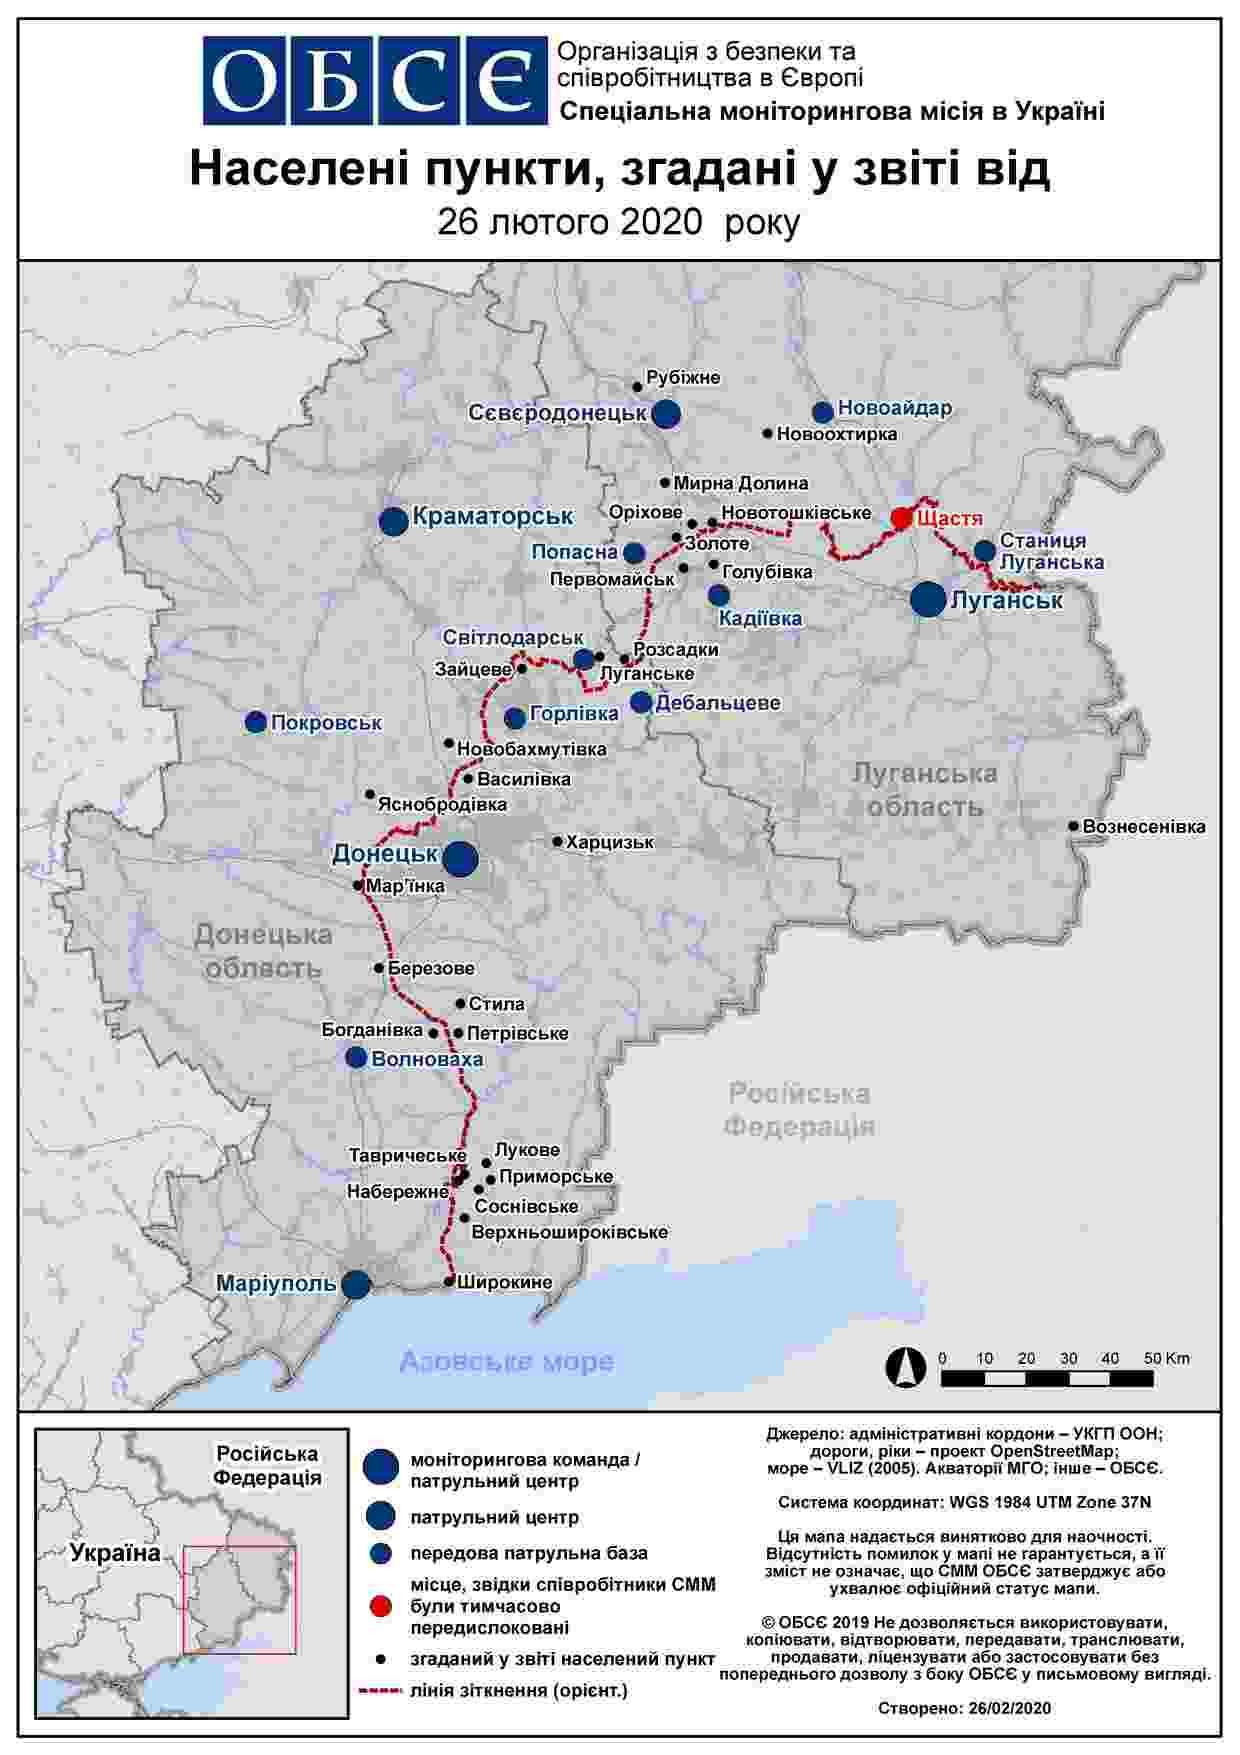 Вечірній брифінг пресцентру Об'єднаних сил 27.02.2020 (фото, звіт ОБСЄ, мапа)